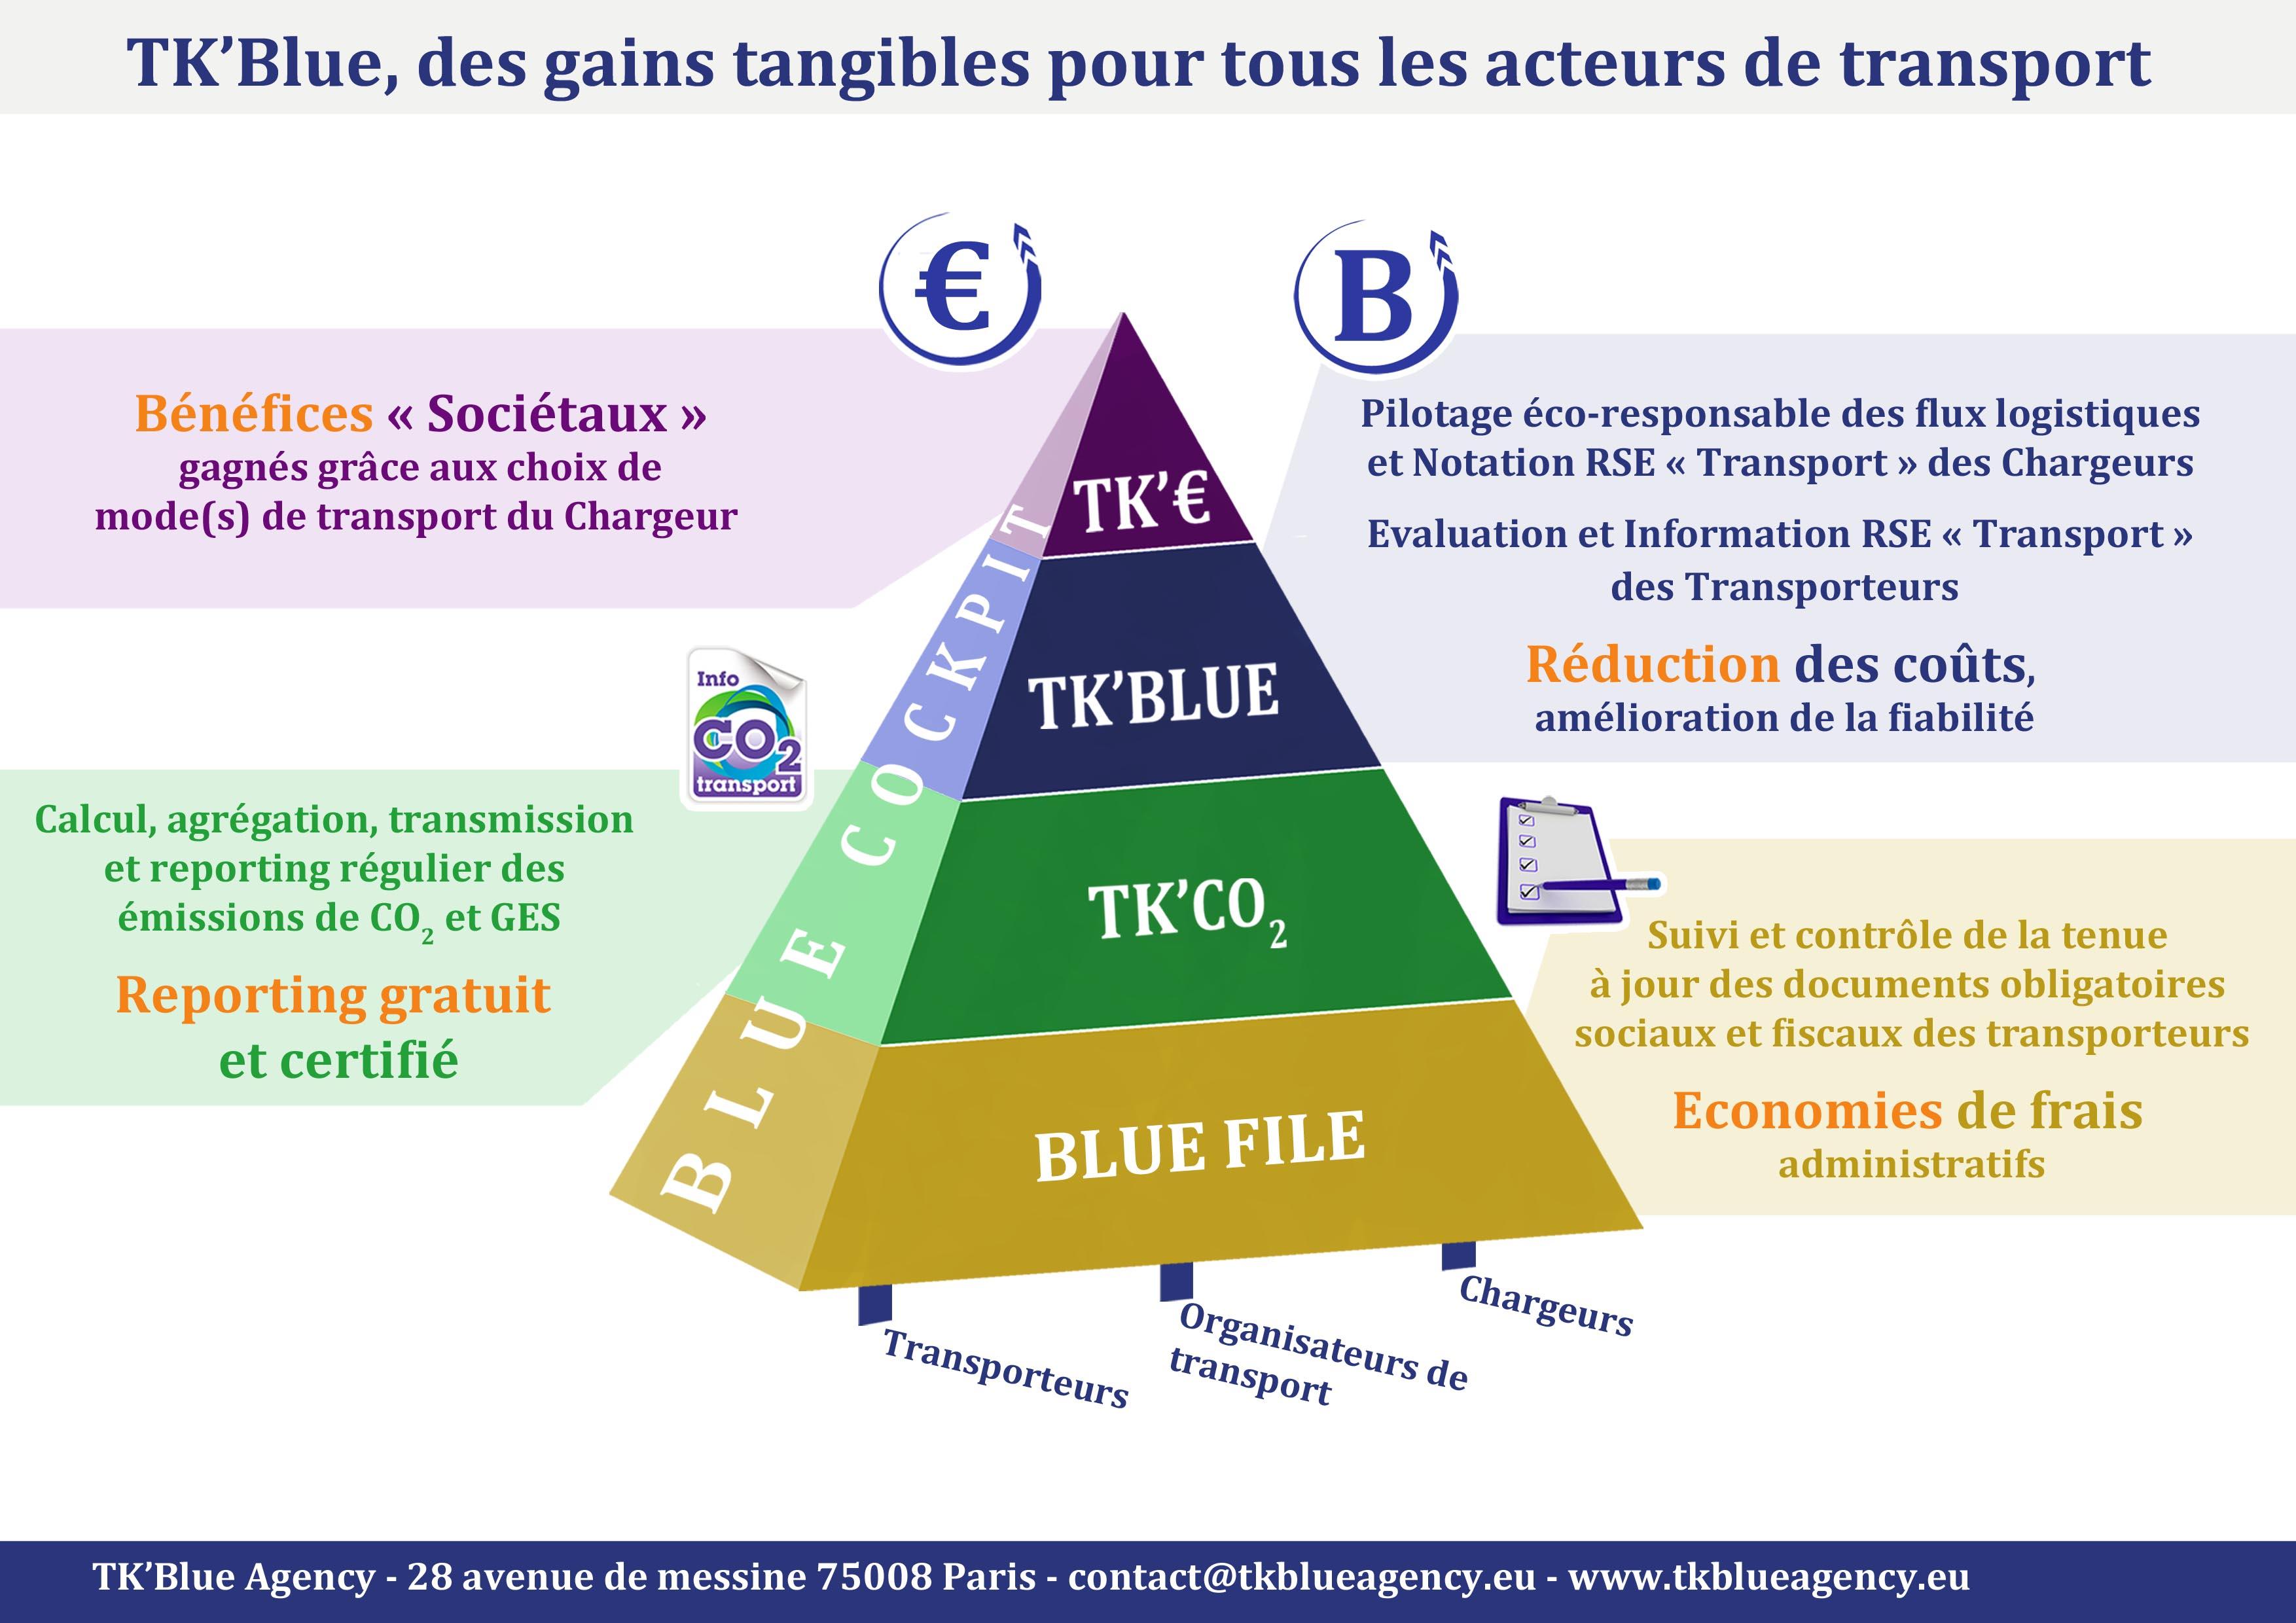 pyramide_service_tkblue